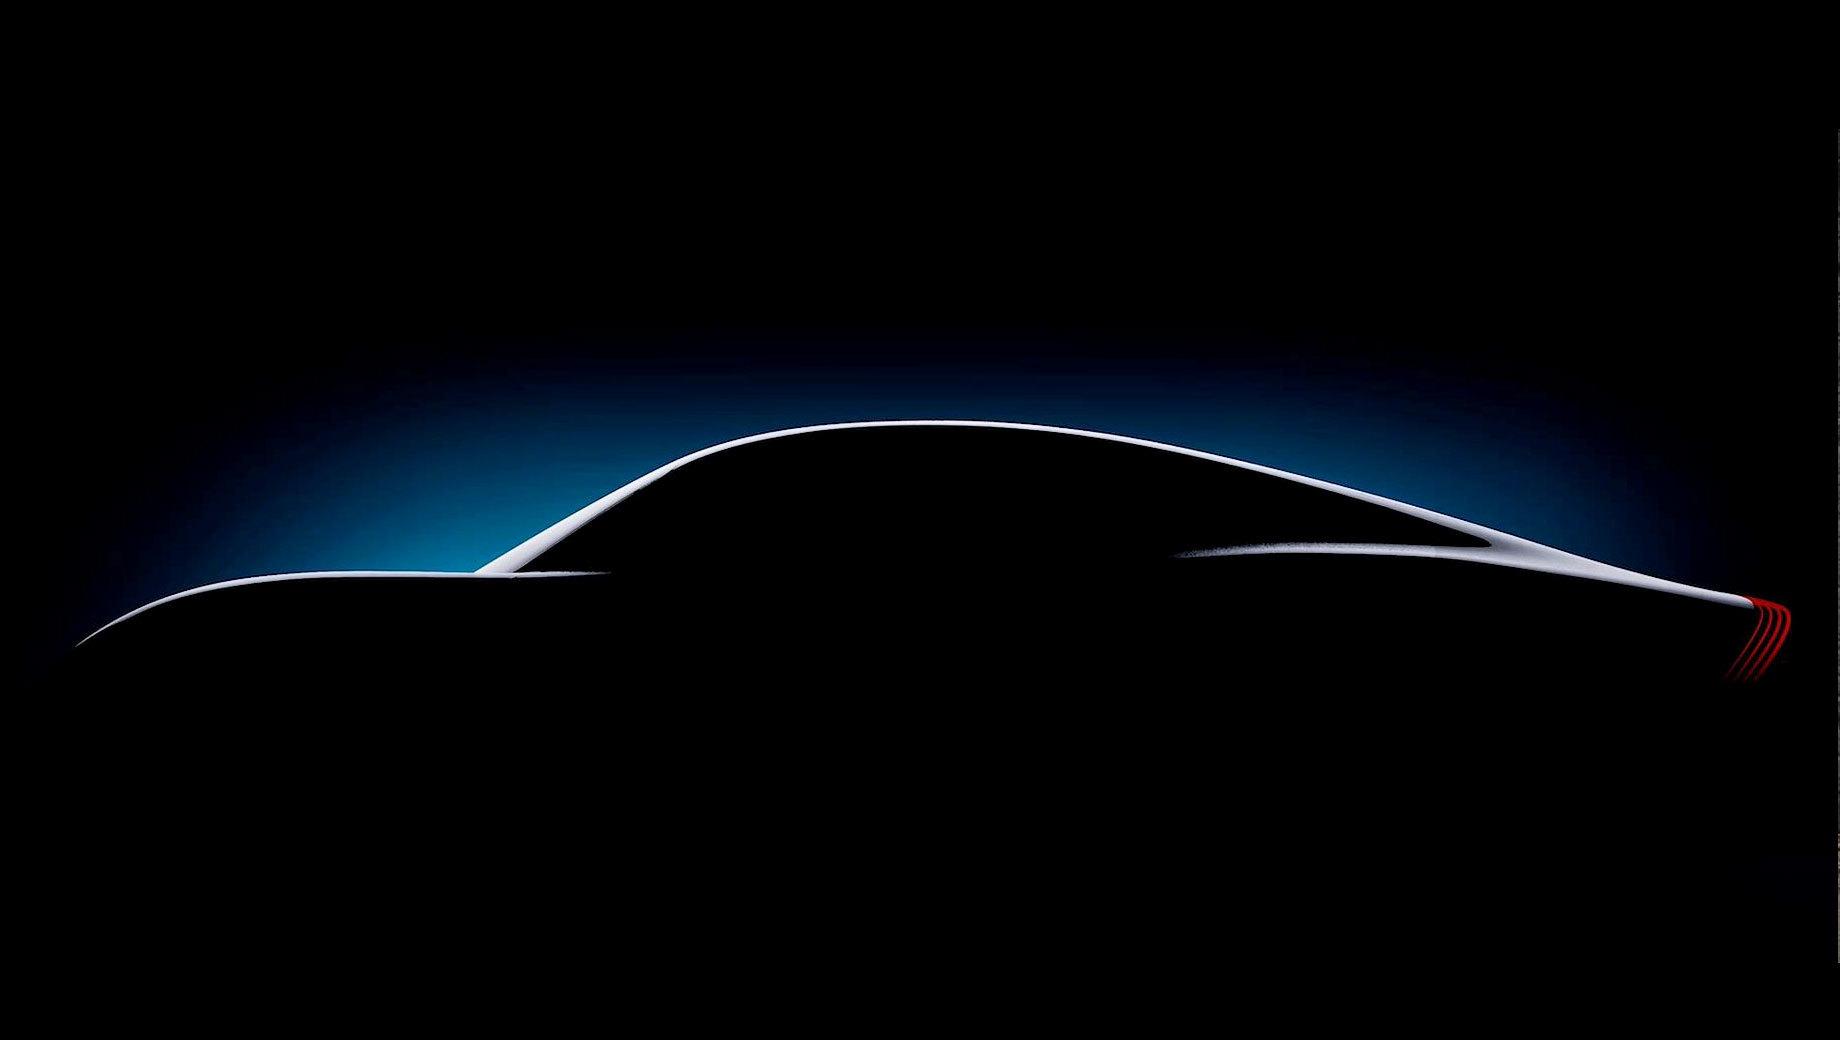 Mercedes eq. Силуэт нового концепта Vision EQXX (похож на прототип IAA) был показан мельком с заявлением, что это самый дальнобойный член электрического семейства EQ. Будто бы EQXX способен без подзарядки добраться из Пекина в Шанхай, преодолев около 750 миль (1207 км). Дата премьеры не названа.